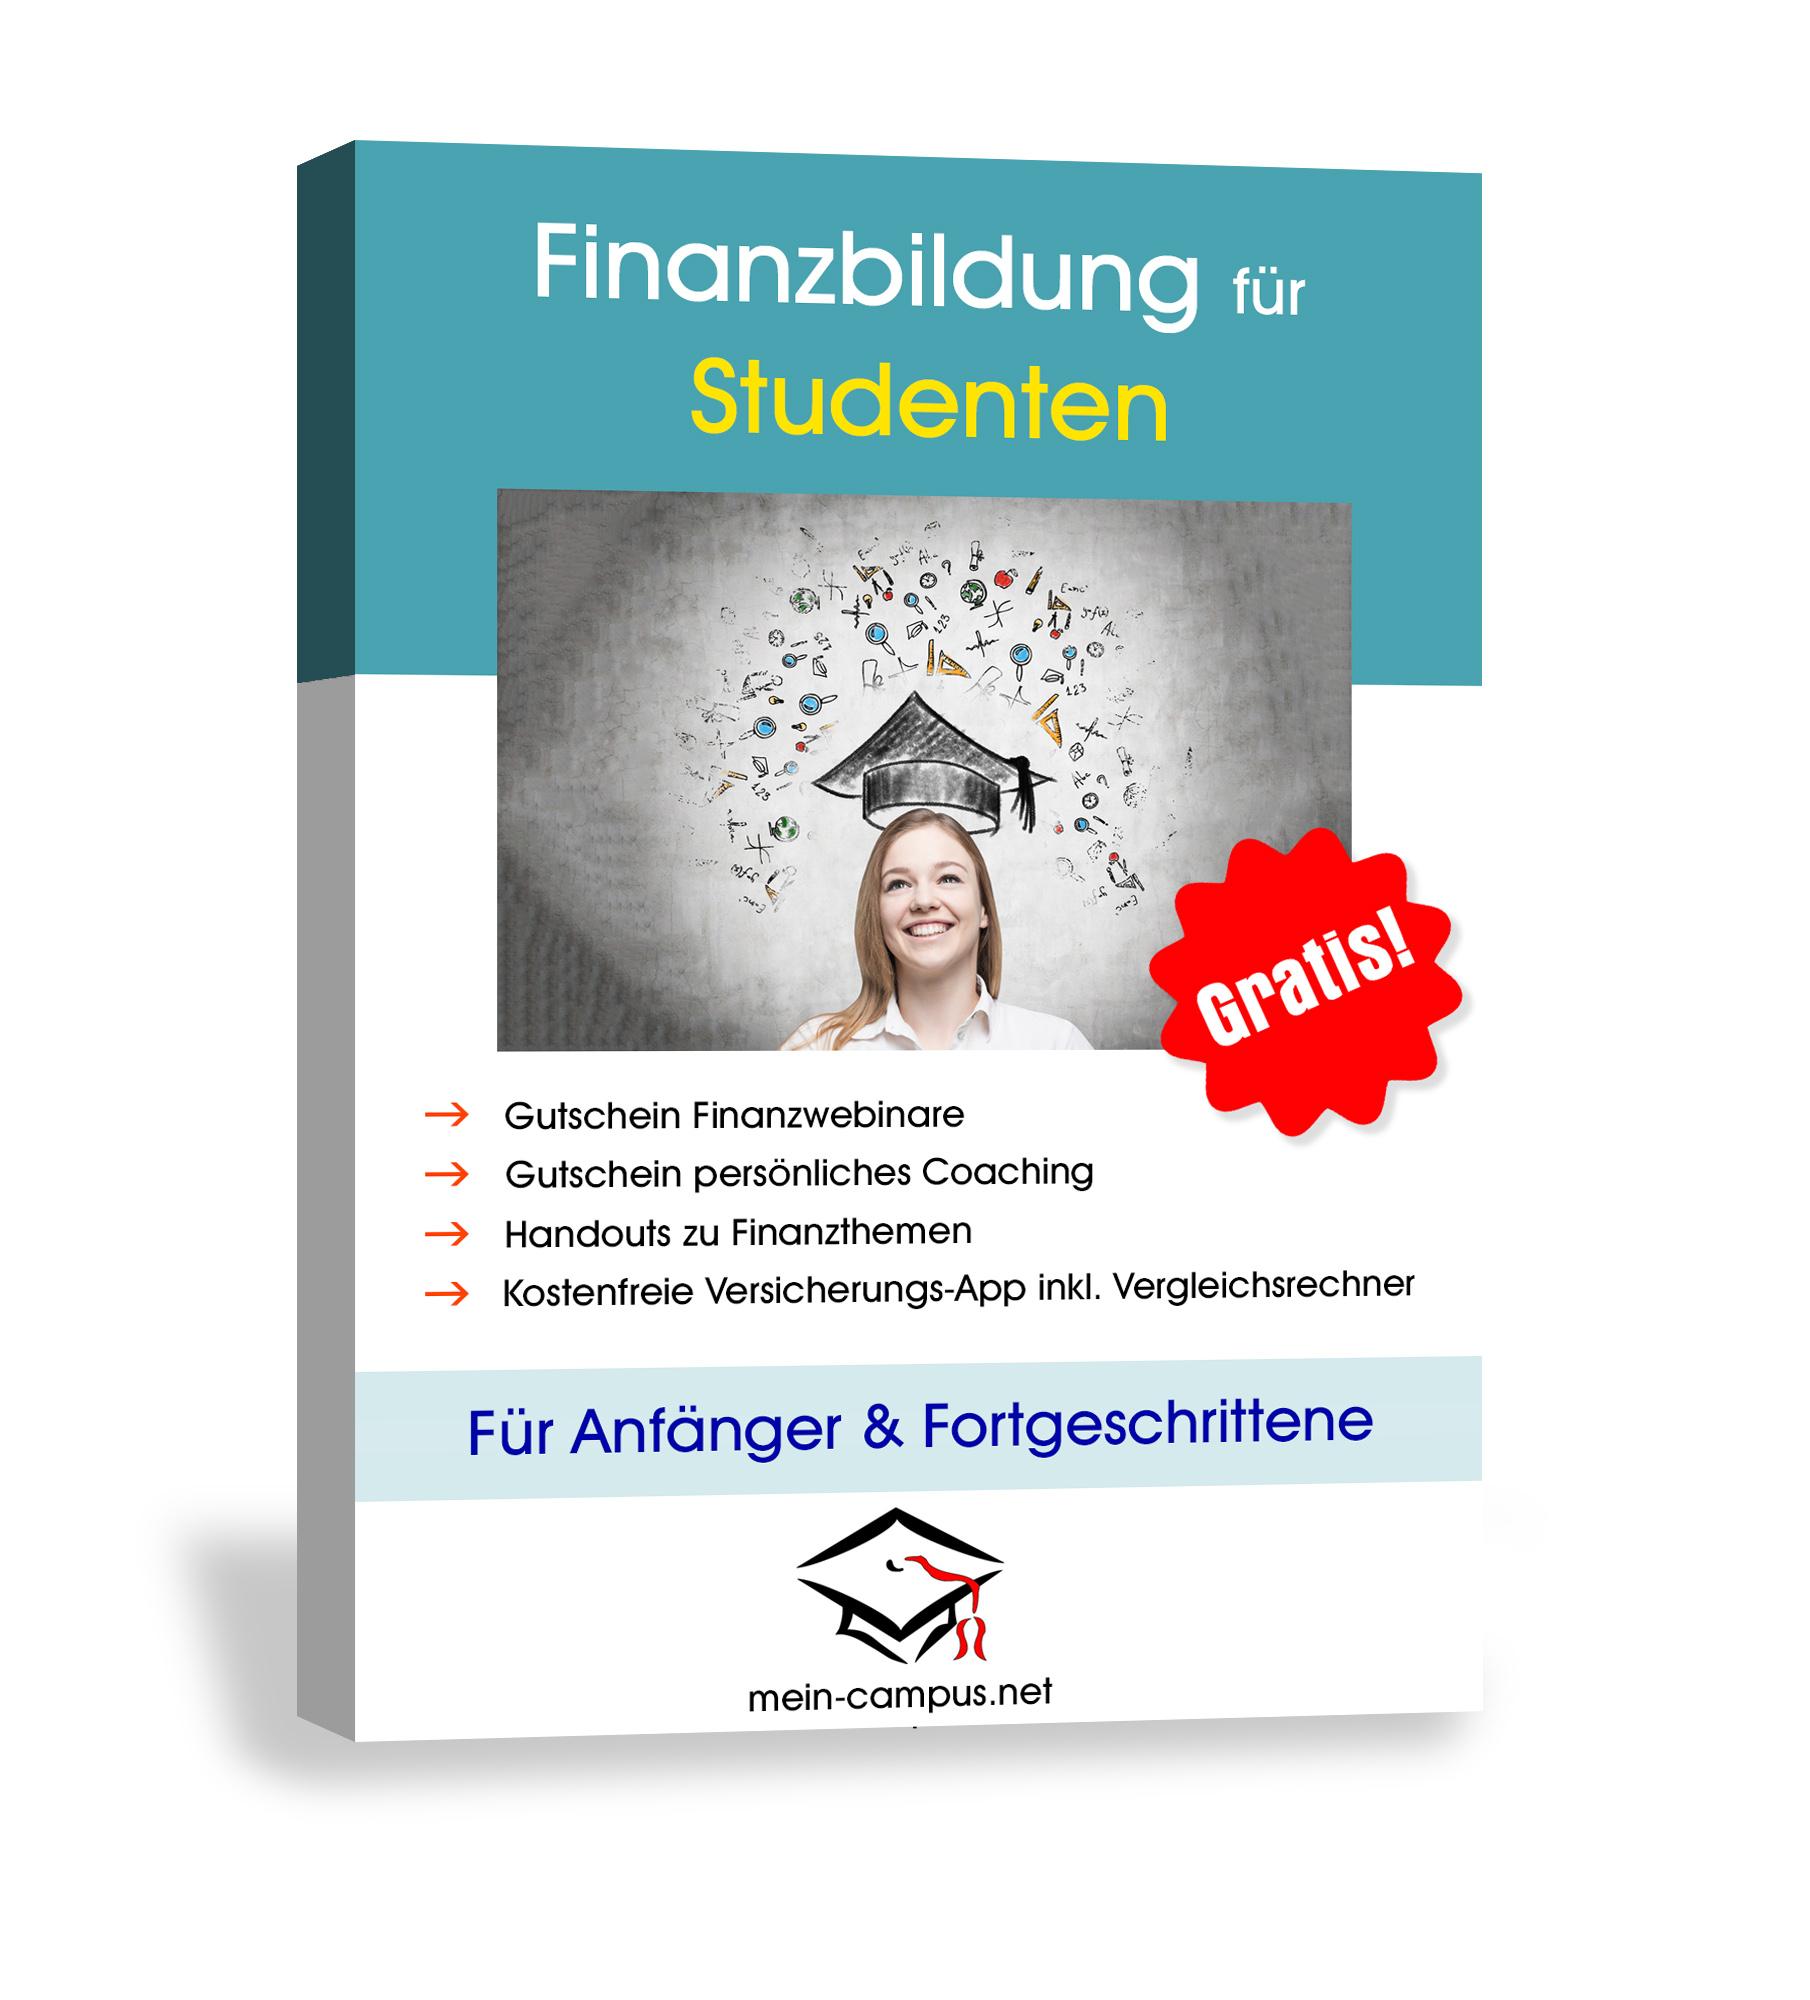 Finanzbildung - Studenten